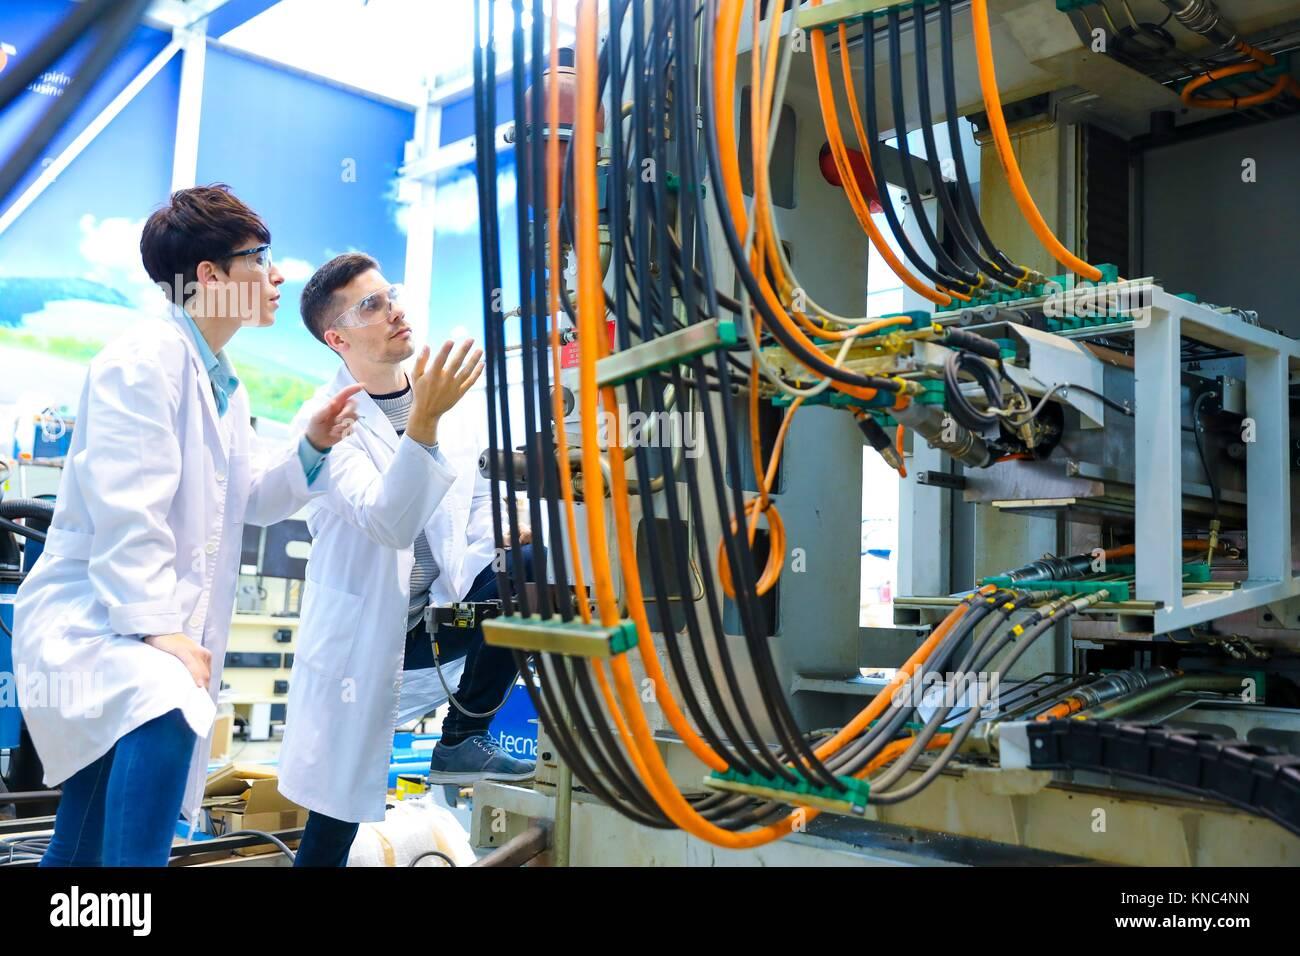 Forscher in Bearbeitungszentrum, Industrie, Tecnalia Forschung & Innovation, Technologie- und Forschungszentrum, Stockbild